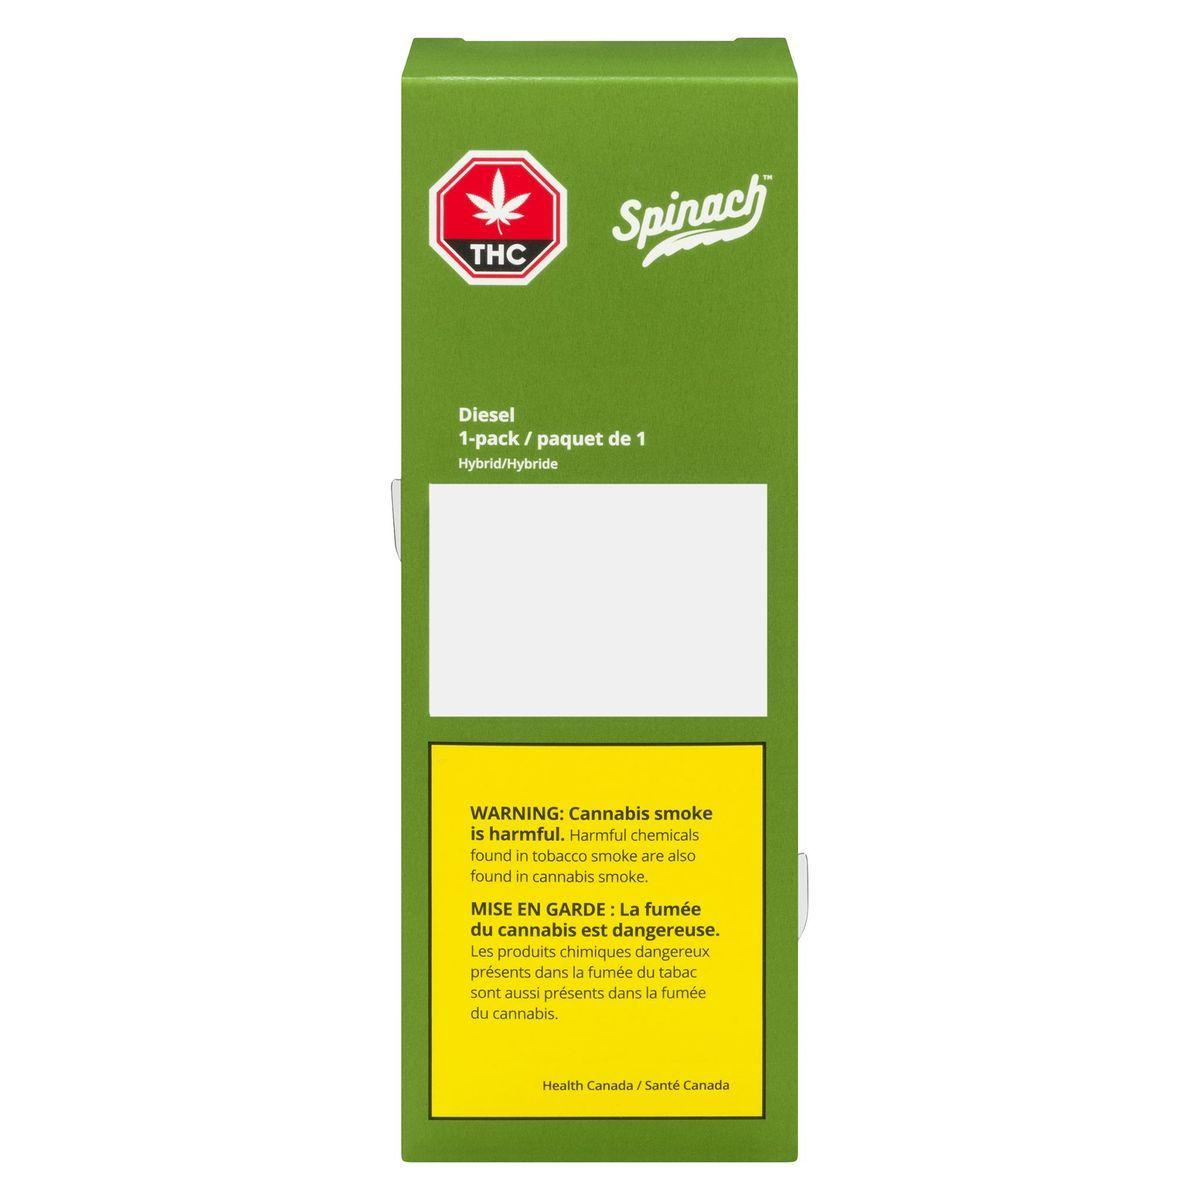 Spinachdiesel_1200x